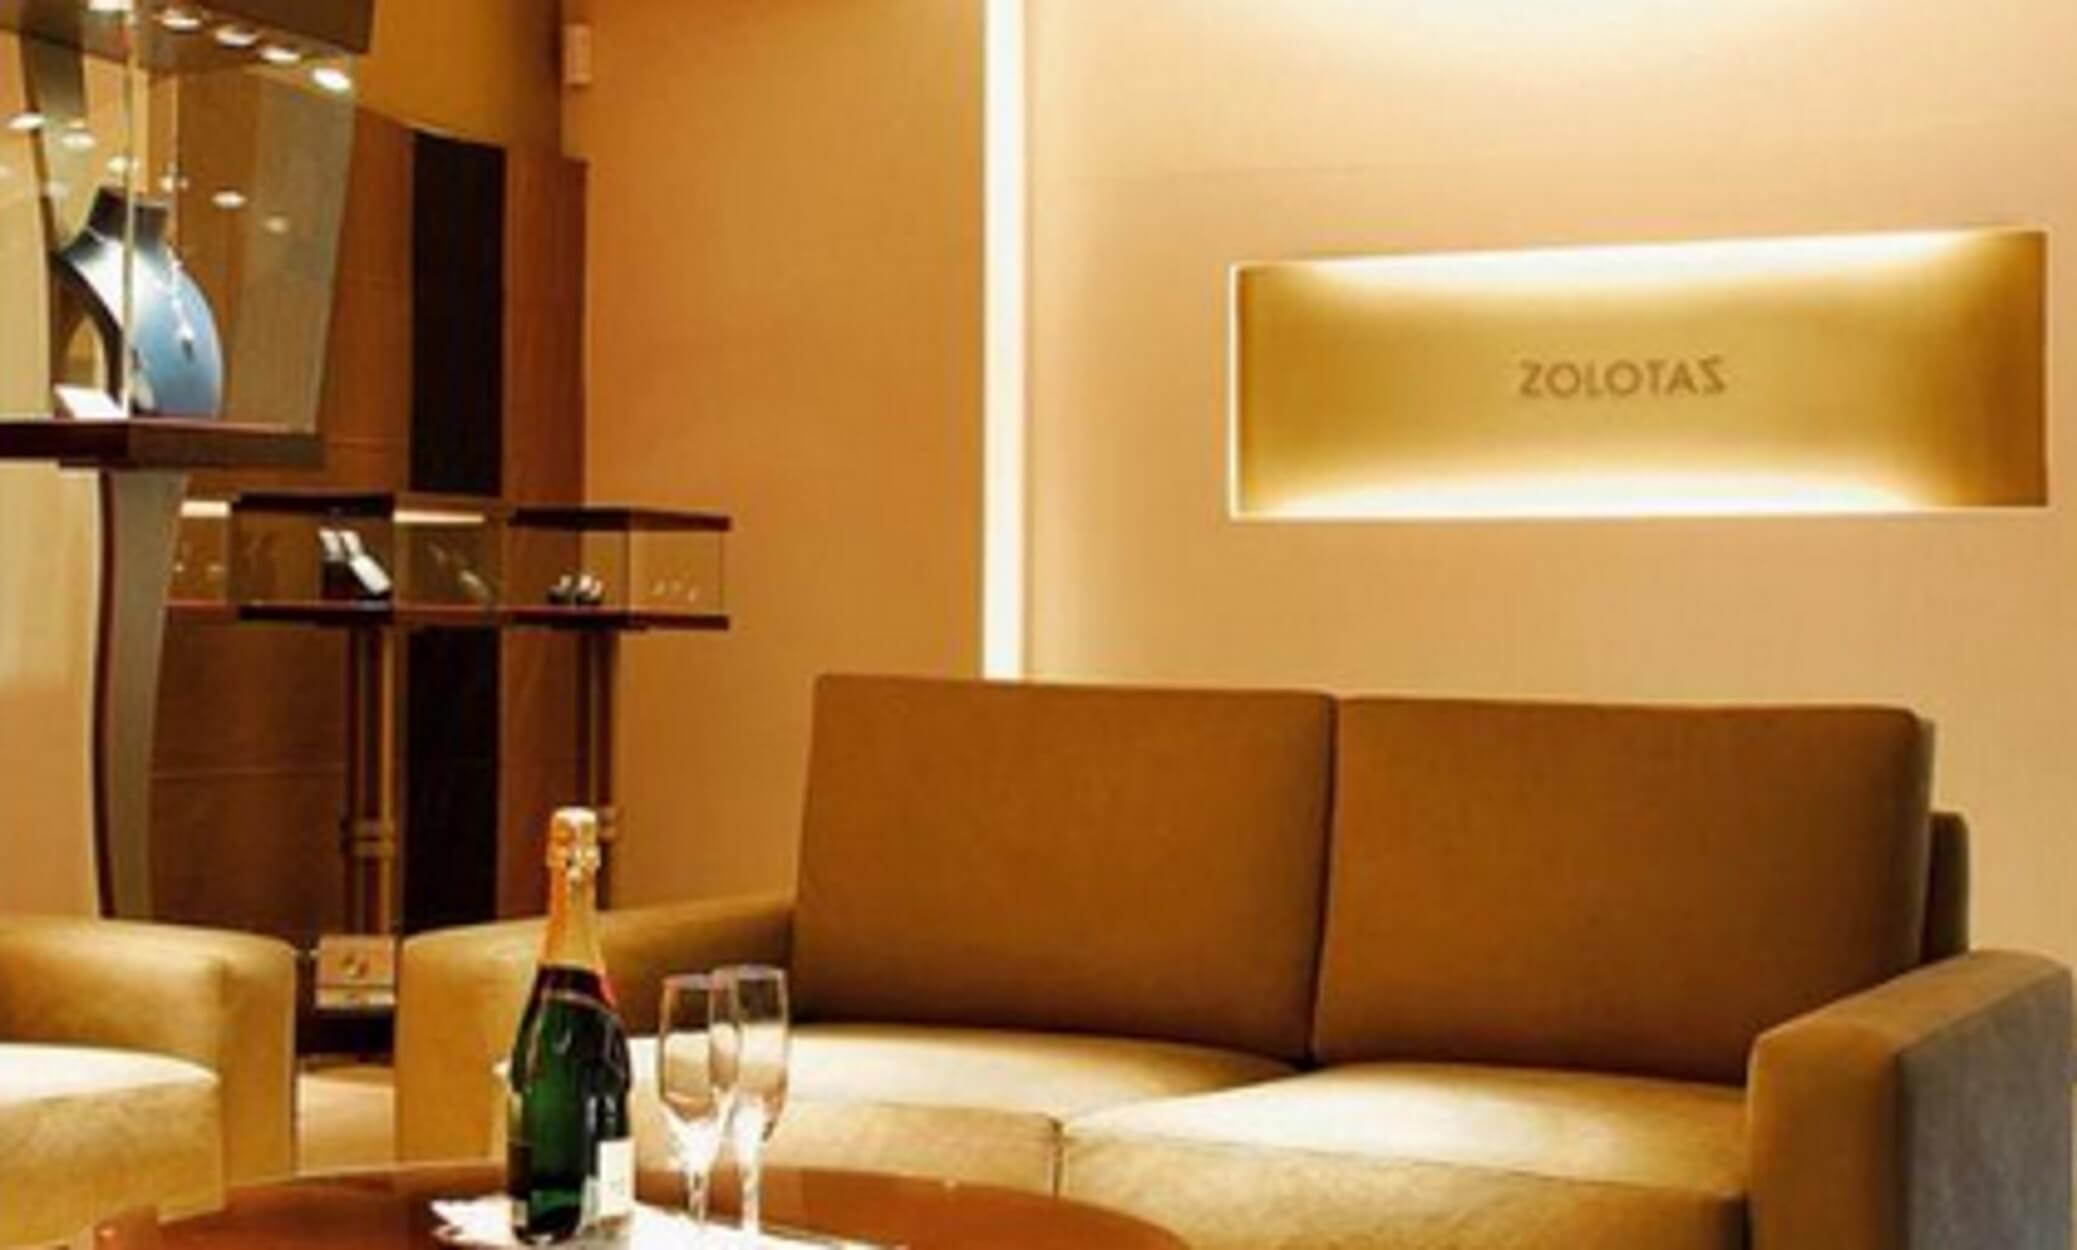 Ζολώτας: Ο Έλληνας κοσμηματοπώλης του παγκόσμιου τζετ – σετ!